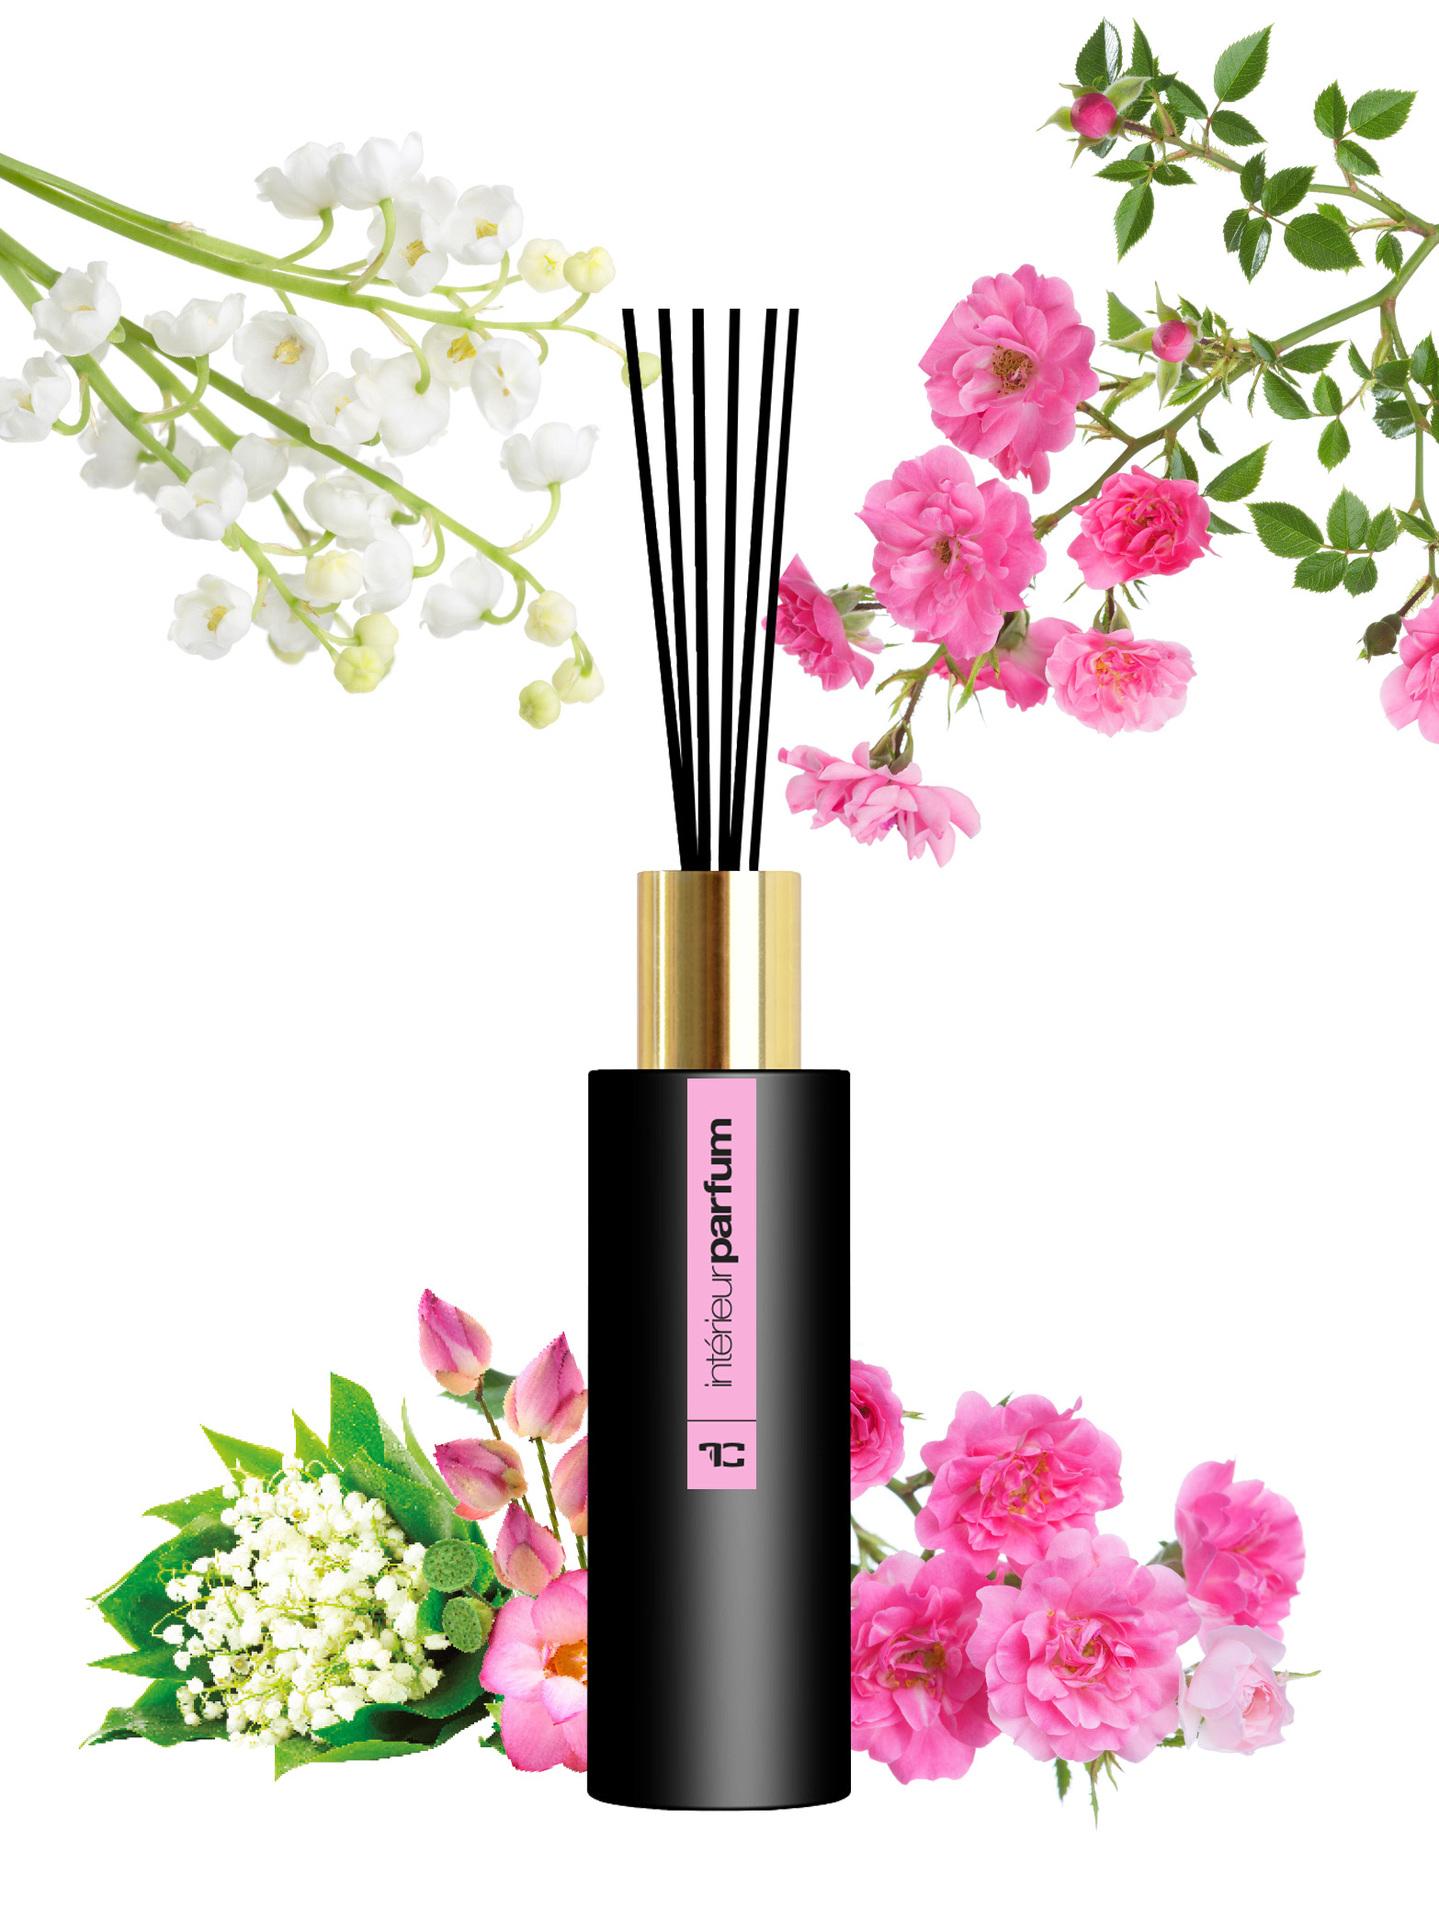 FC8070-Interiérový parfum FLOWER GARDEN 80 ml